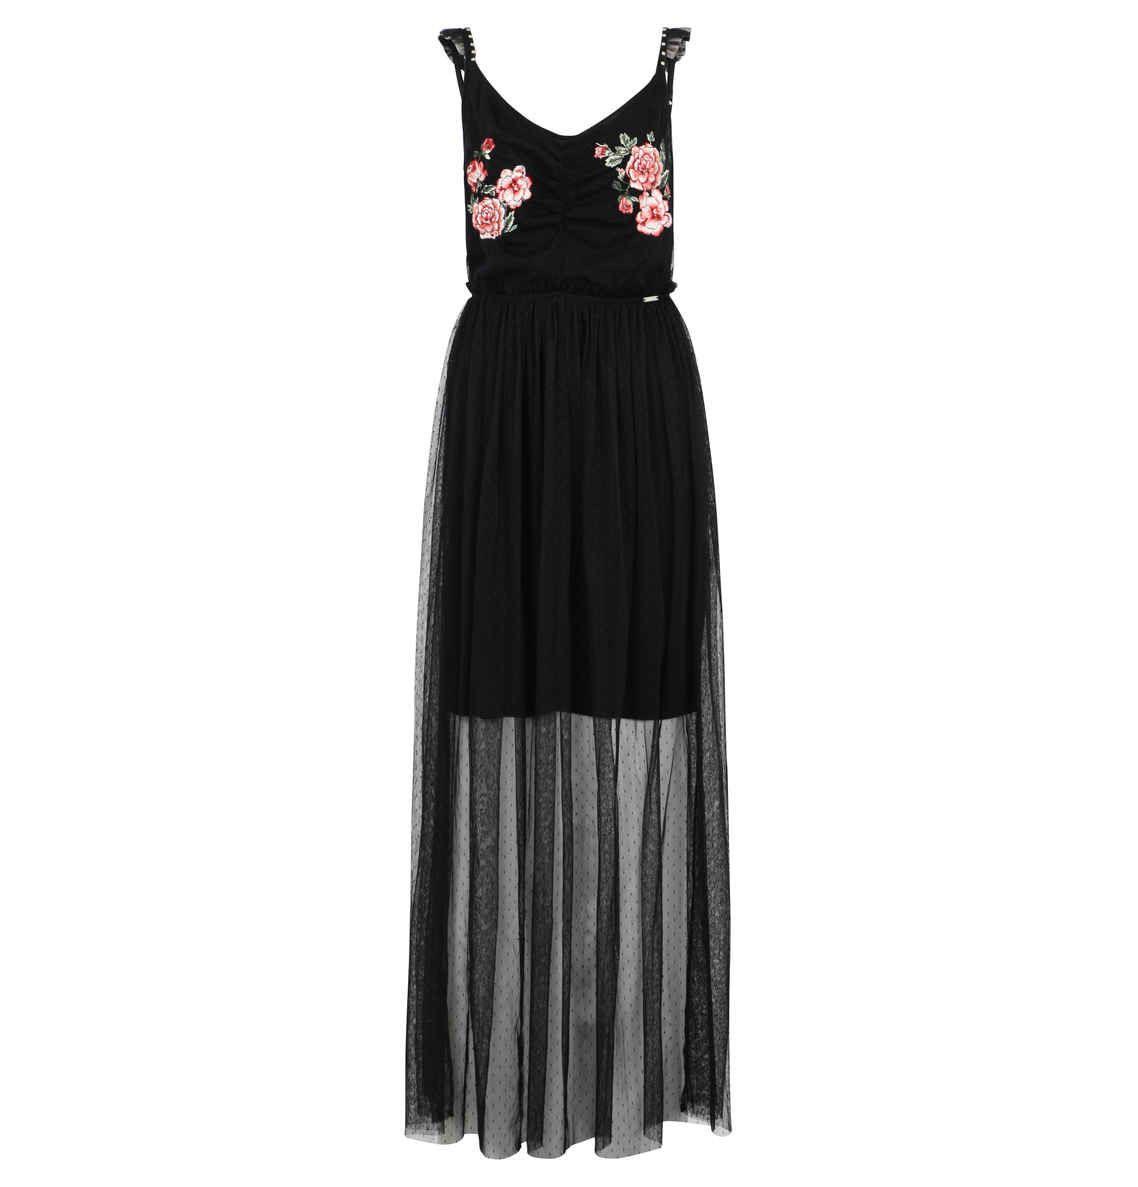 10 Genial Guess Abend Kleid Ärmel10 Einfach Guess Abend Kleid Design